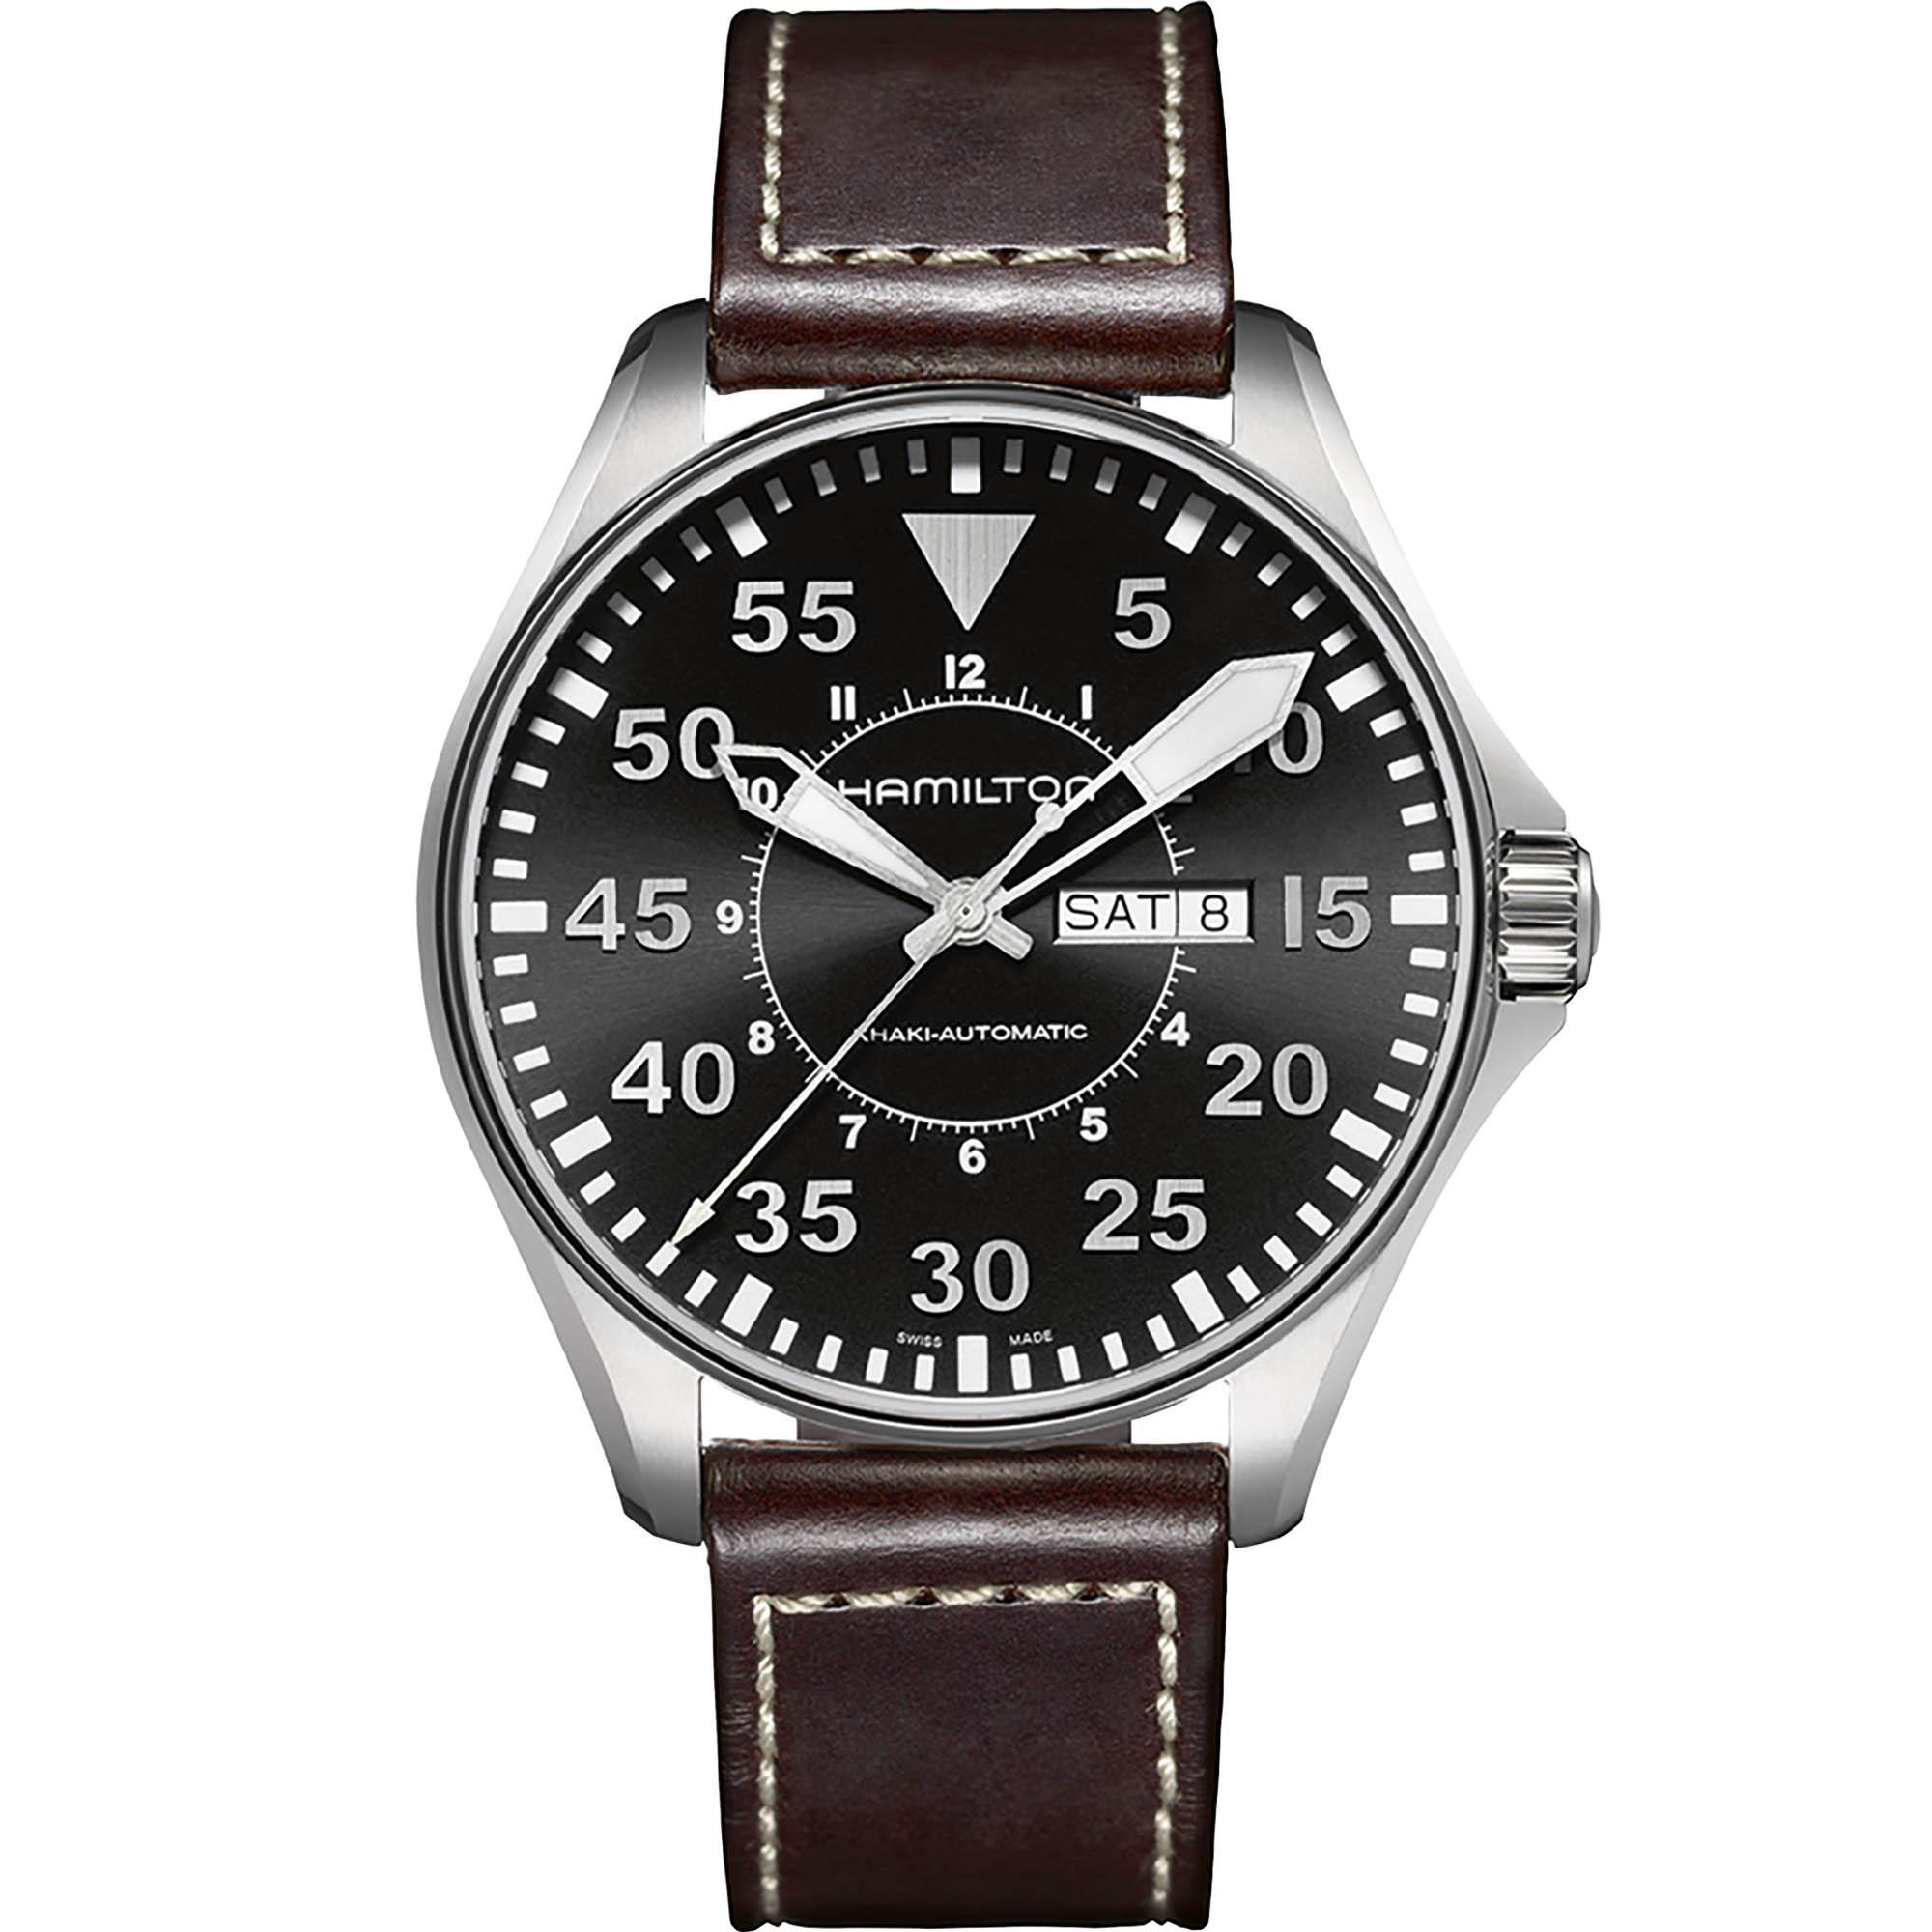 Montre automatique Hamilton Khaki Aviation H64715535 - 46mm, Verre Saphir (emileleon.fr)